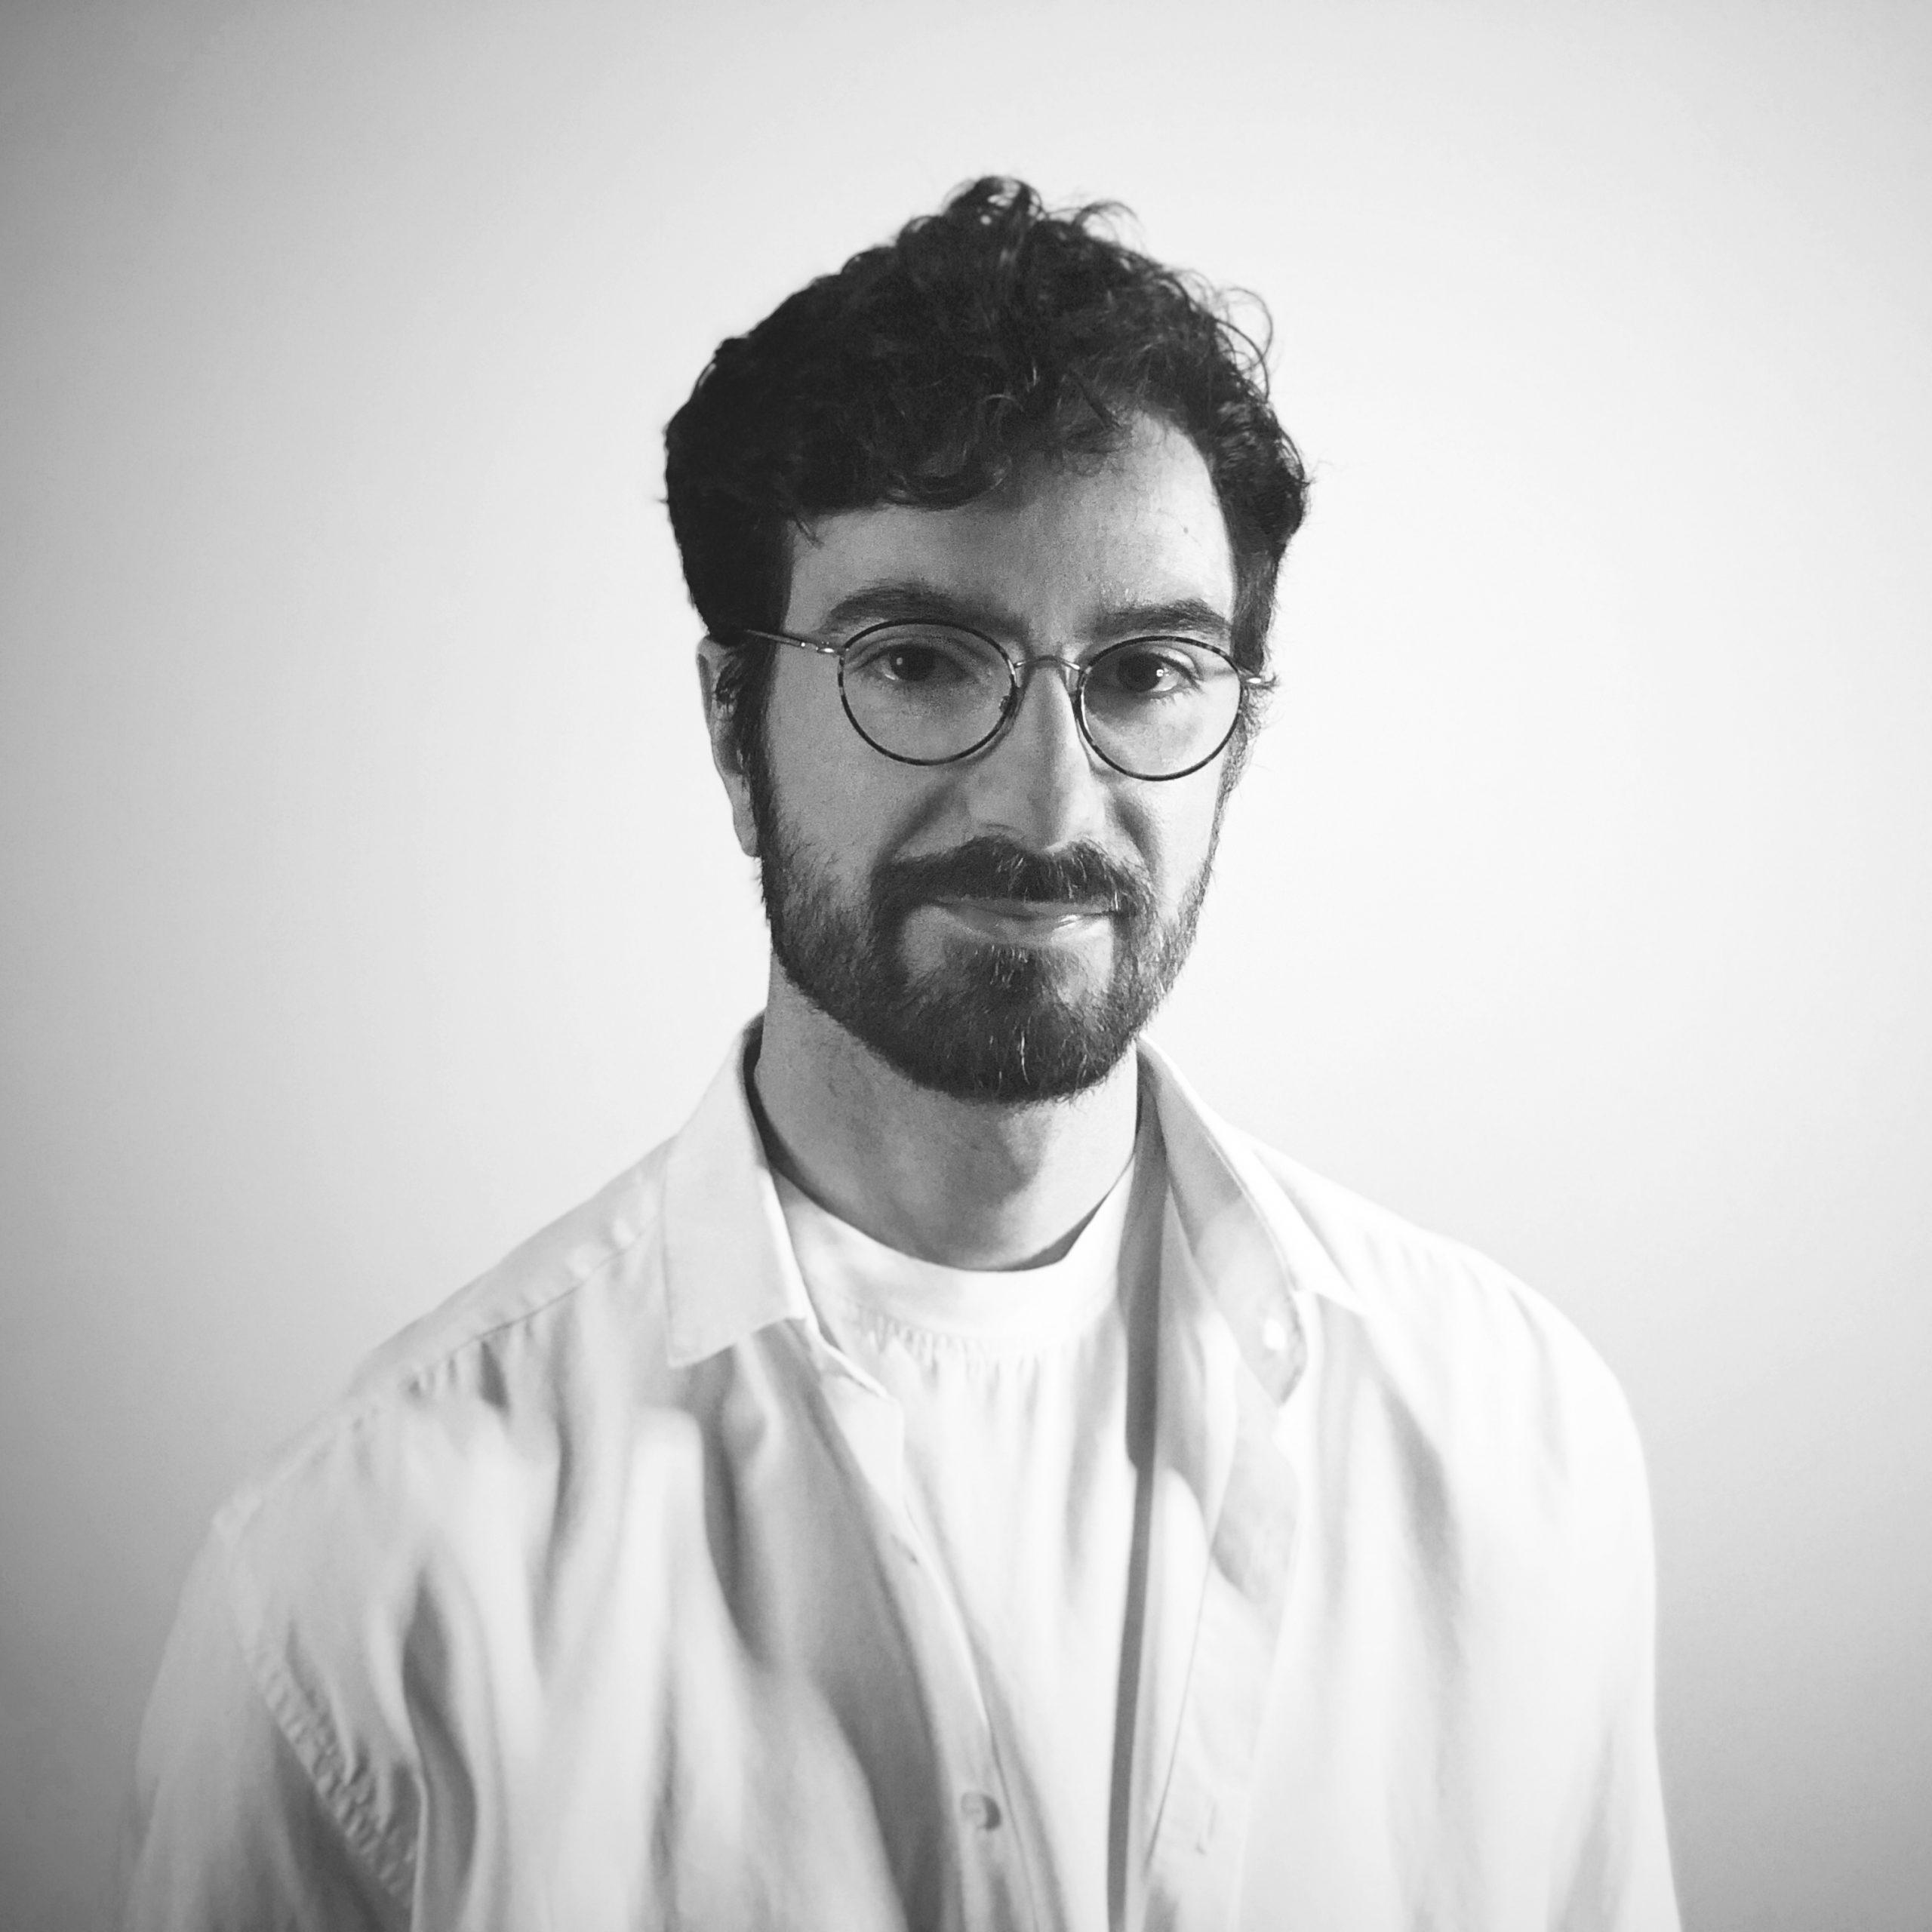 Francesco Petronelli